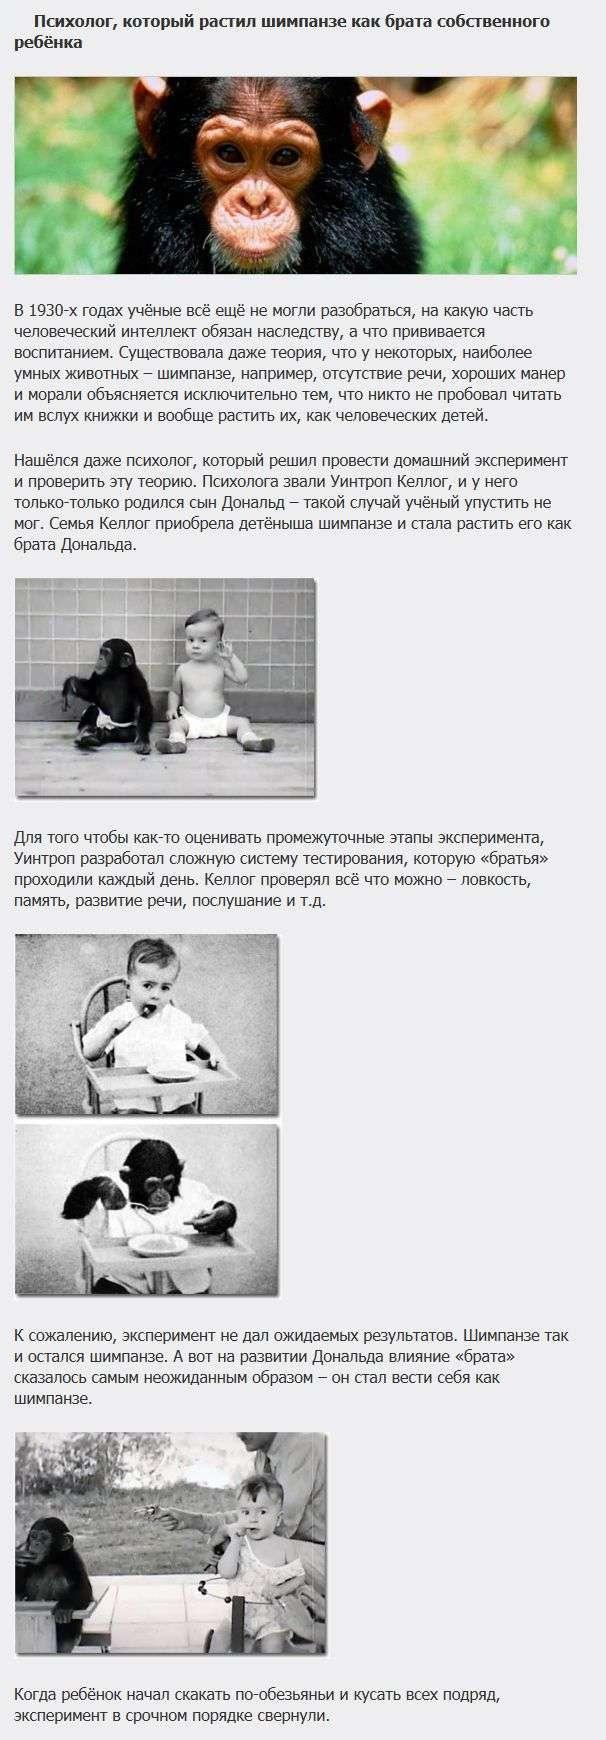 ТОП-5 самих жахливих експериментів над дітьми (5 фото)